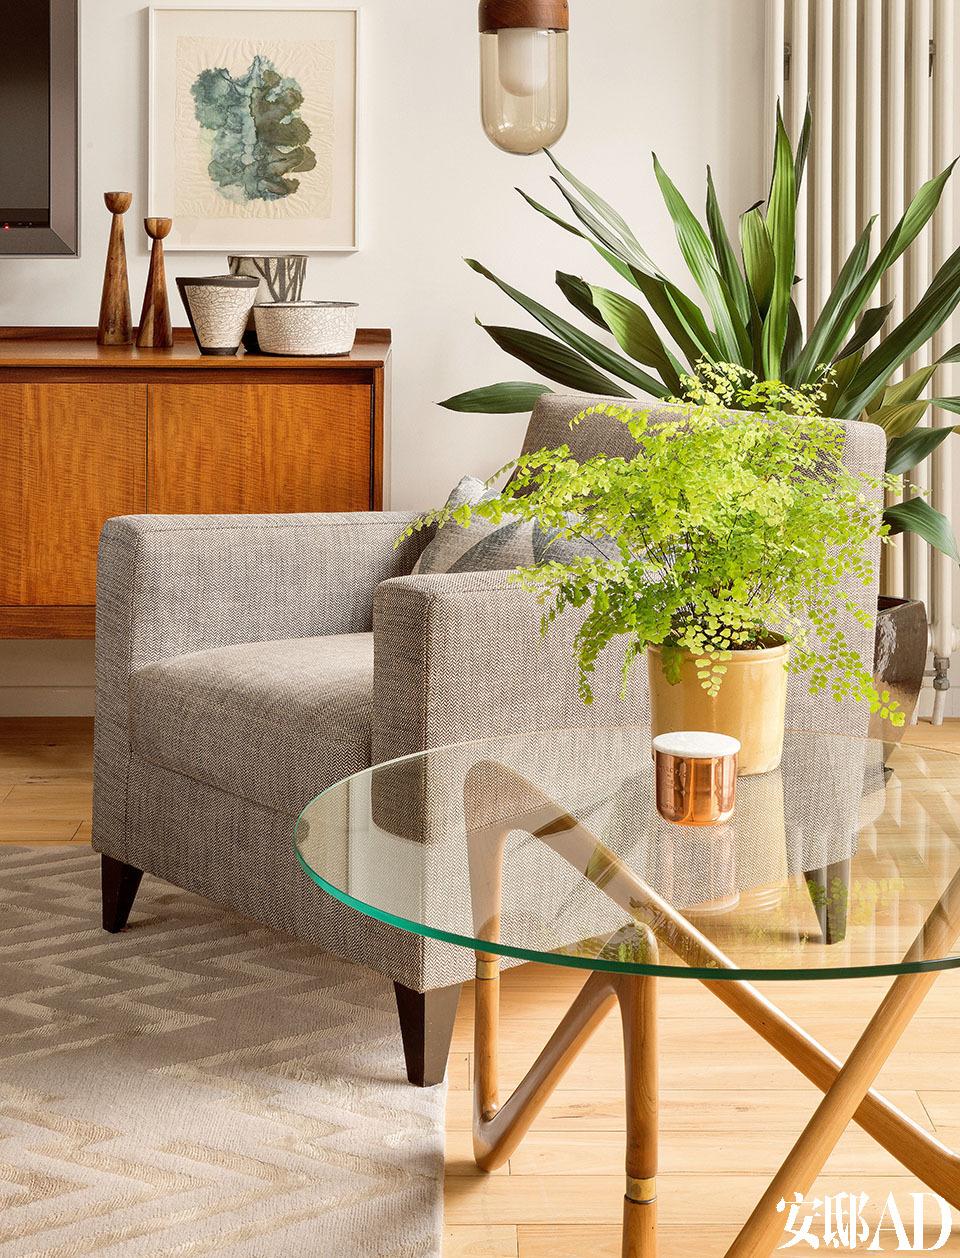 """""""女主人身上时常流淌着善意与平和的能量,她知性又热爱艺术,品位卓然又理解设计,最重要的是还非常开放。我们在打造这个家时,一直想着这样一个完美的形象。"""" ——设计师Lisa和Niki客厅的细节,近处的圆形玻璃茶几来自复古产品店Henry Saywell,单人扶手沙发均由Ligne Roset出品,地毯购自The Rug Company,玻璃吊 灯为Walnut Bell Pendant,来自伦敦一家专门经营人工吹制玻璃的品牌Heal's。后方电视机柜上的陶瓷摆设来自Malcolm Turner,绿色水彩画由Gavin Richardson创作。"""